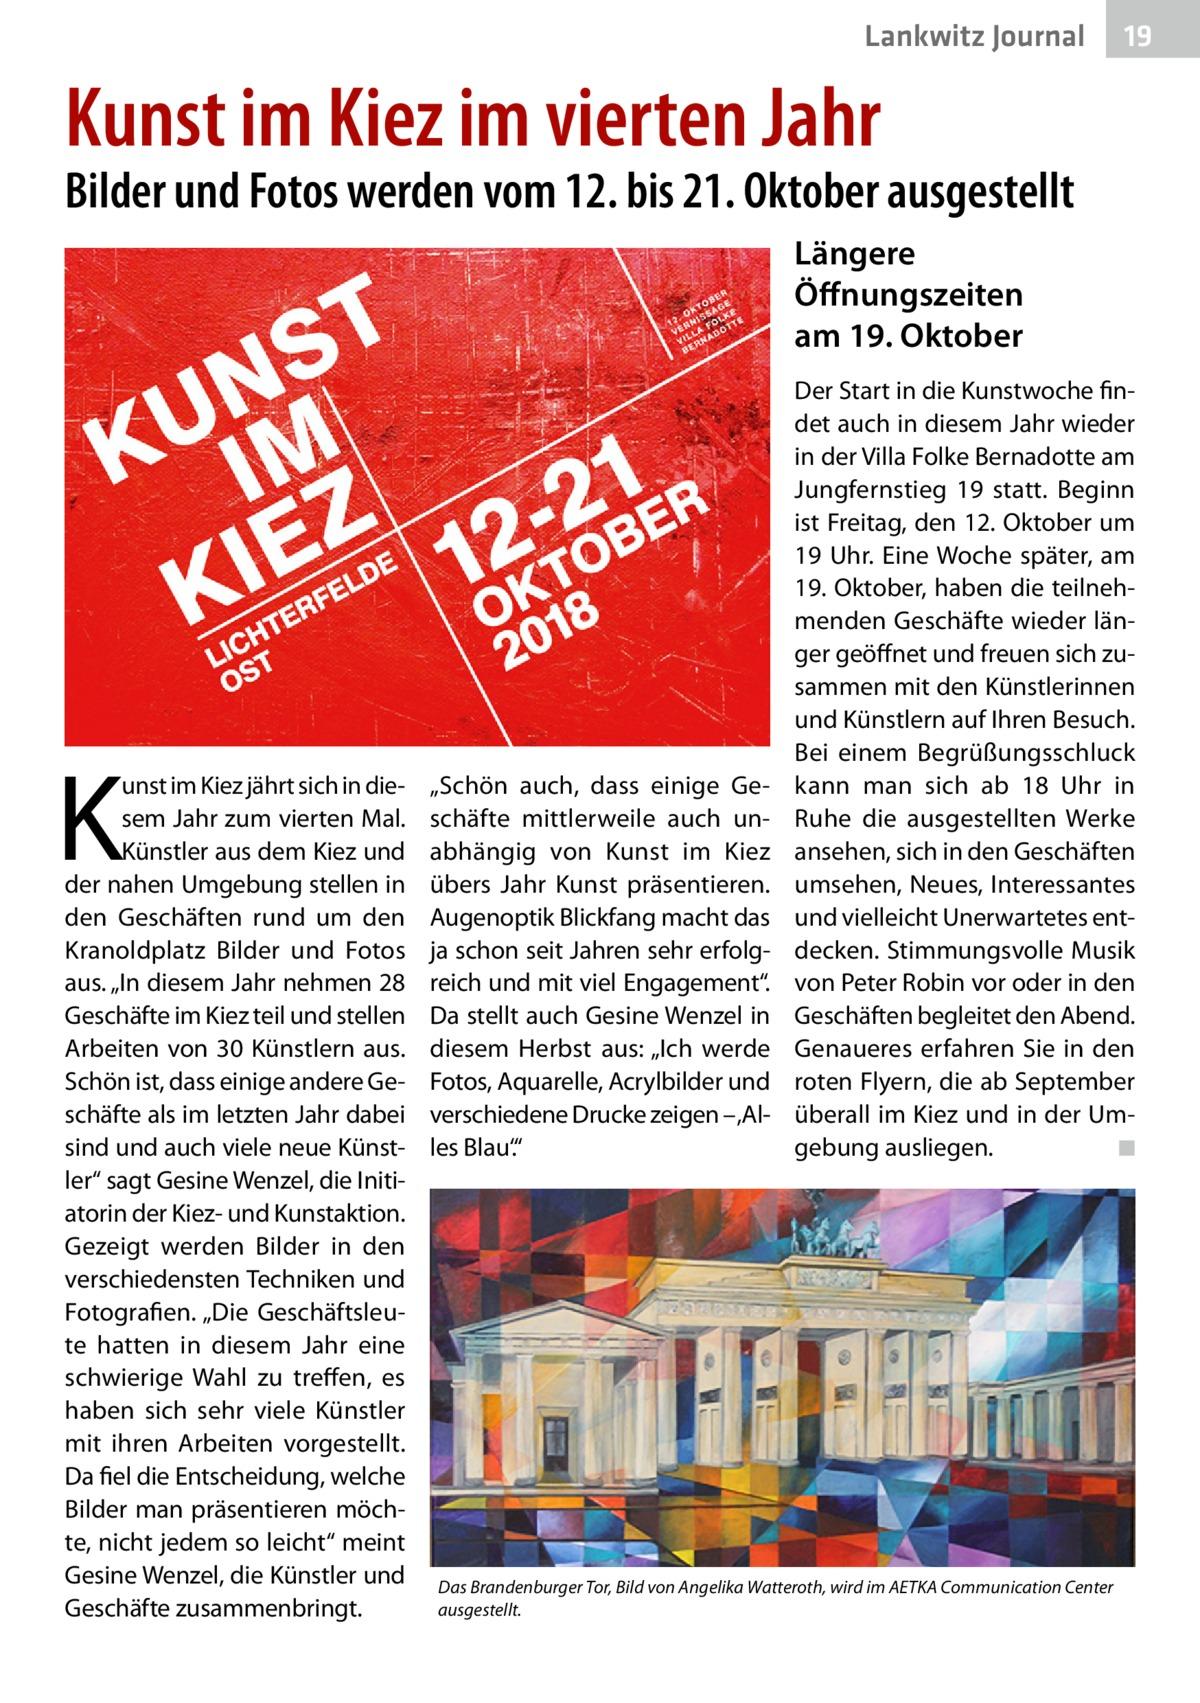 """Lankwitz Journal  19  Kunst im Kiez im vierten Jahr  Bilder und Fotos werden vom 12. bis 21.Oktober ausgestellt Längere Öffnungszeiten am 19.Oktober  K  unst im Kiez jährt sich in diesem Jahr zum vierten Mal. Künstler aus dem Kiez und der nahen Umgebung stellen in den Geschäften rund um den Kranoldplatz Bilder und Fotos aus. """"In diesem Jahr nehmen 28 Geschäfte im Kiez teil und stellen Arbeiten von 30 Künstlern aus. Schön ist, dass einige andere Geschäfte als im letzten Jahr dabei sind und auch viele neue Künstler"""" sagt Gesine Wenzel, die Initiatorin der Kiez- und Kunstaktion. Gezeigt werden Bilder in den verschiedensten Techniken und Fotografien. """"Die Geschäftsleute hatten in diesem Jahr eine schwierige Wahl zu treffen, es haben sich sehr viele Künstler mit ihren Arbeiten vorgestellt. Da fiel die Entscheidung, welche Bilder man präsentieren möchte, nicht jedem so leicht"""" meint Gesine Wenzel, die Künstler und Geschäfte zusammenbringt.  """"Schön auch, dass einige Geschäfte mittlerweile auch unabhängig von Kunst im Kiez übers Jahr Kunst präsentieren. Augenoptik Blickfang macht das ja schon seit Jahren sehr erfolgreich und mit viel Engagement"""". Da stellt auch Gesine Wenzel in diesem Herbst aus: """"Ich werde Fotos, Aquarelle, Acrylbilder und verschiedene Drucke zeigen – 'Alles Blau'.""""  Der Start in die Kunstwoche findet auch in diesem Jahr wieder in der Villa Folke Bernadotte am Jungfernstieg 19 statt. Beginn ist Freitag, den 12.Oktober um 19Uhr. Eine Woche später, am 19.Oktober, haben die teilnehmenden Geschäfte wieder länger geöffnet und freuen sich zusammen mit den Künstlerinnen und Künstlern auf Ihren Besuch. Bei einem Begrüßungsschluck kann man sich ab 18 Uhr in Ruhe die ausgestellten Werke ansehen, sich in den Geschäften umsehen, Neues, Interessantes und vielleicht Unerwartetes entdecken. Stimmungsvolle Musik von Peter Robin vor oder in den Geschäften begleitet den Abend. Genaueres erfahren Sie in den roten Flyern, die ab September überall im Kiez und in der Umgebung a"""